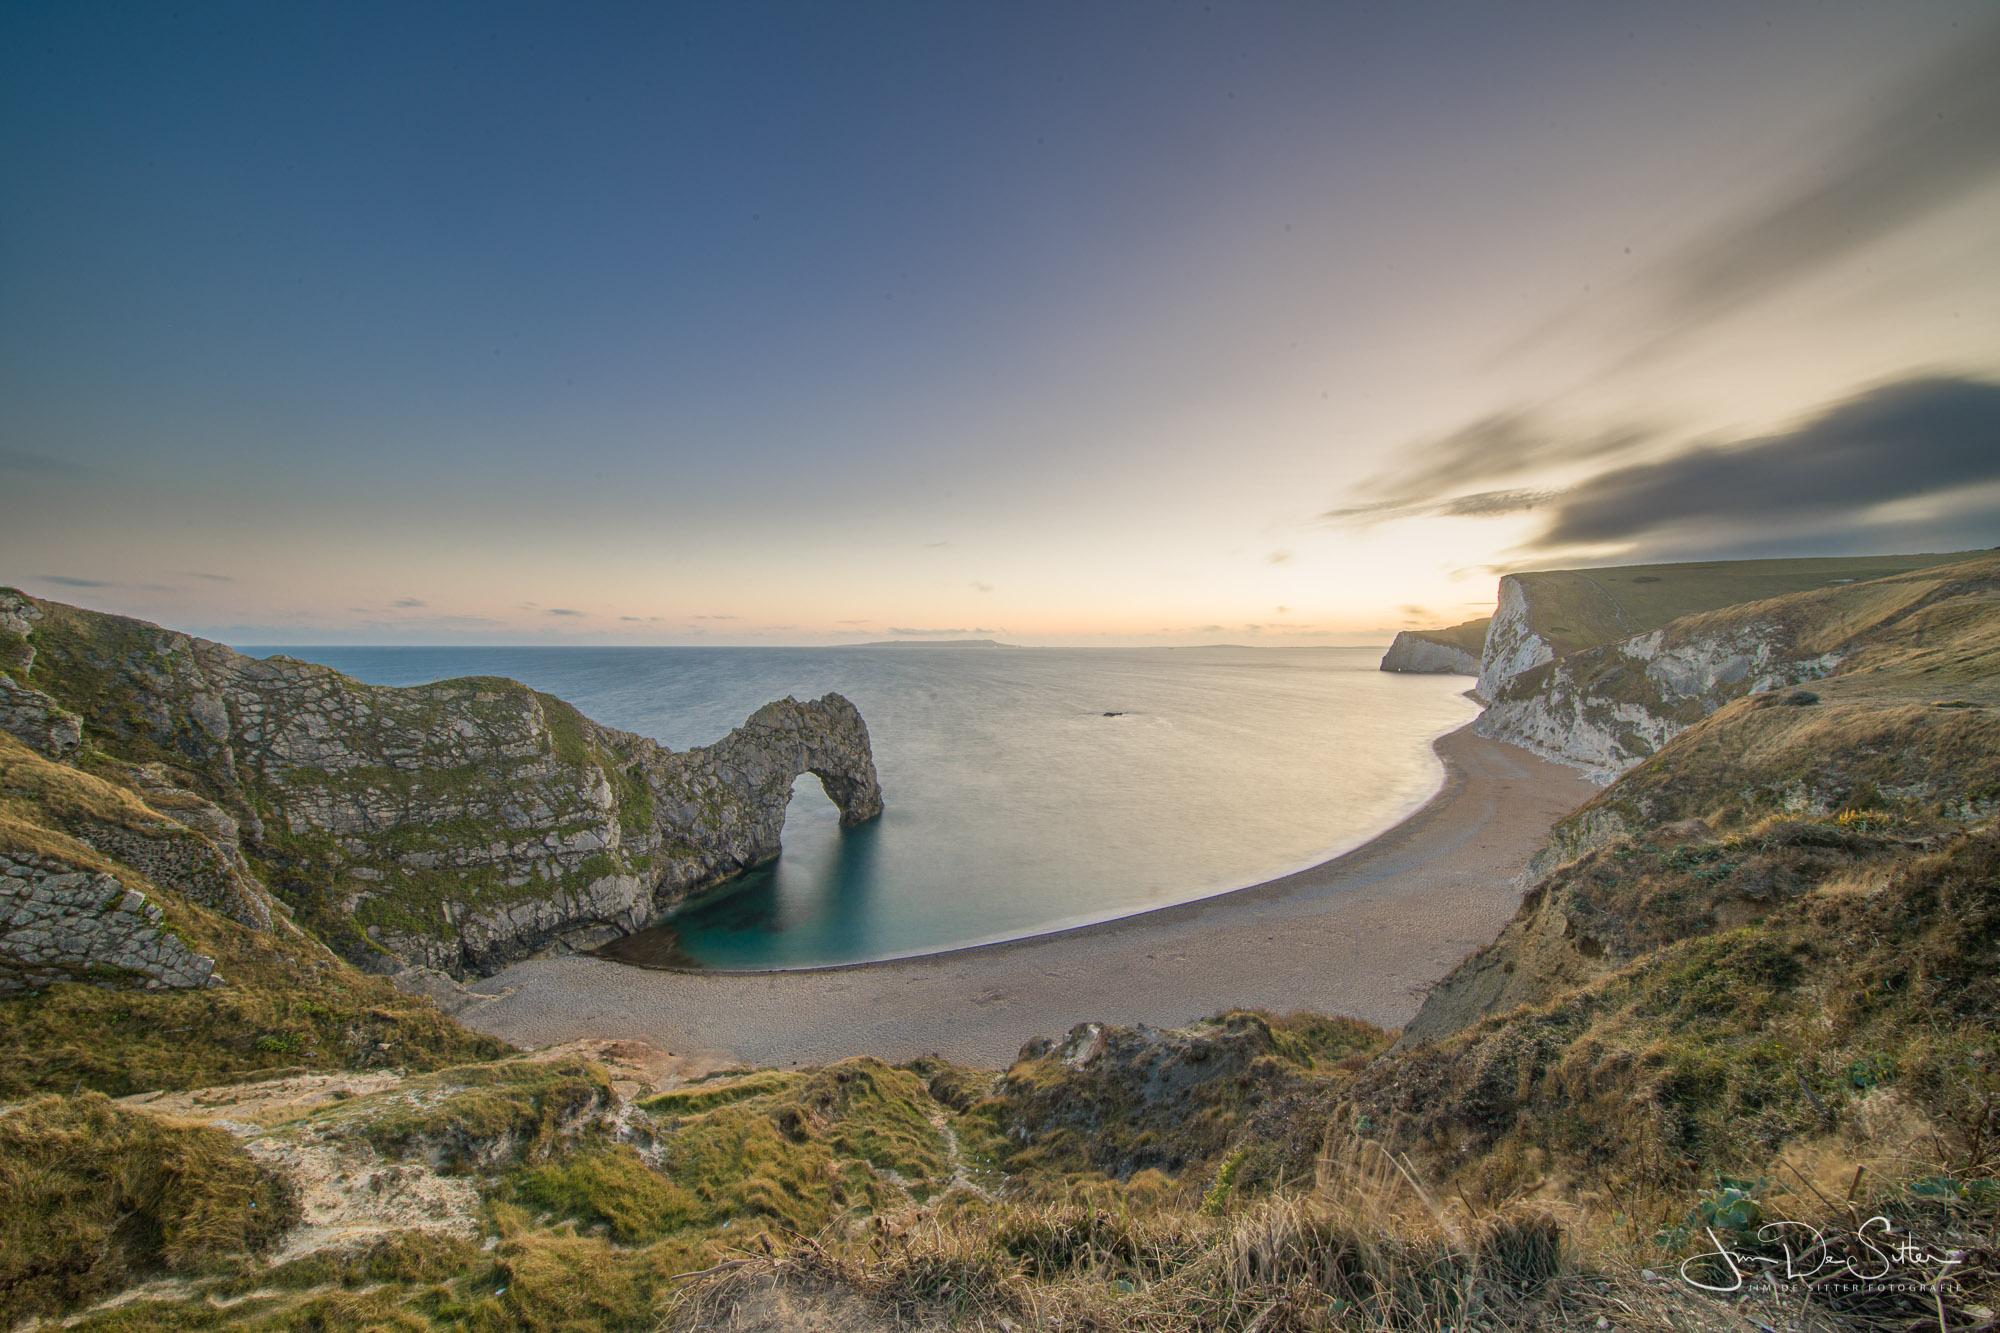 Landschapsfoto : Zonsondergang bij Durdle Door in de UK